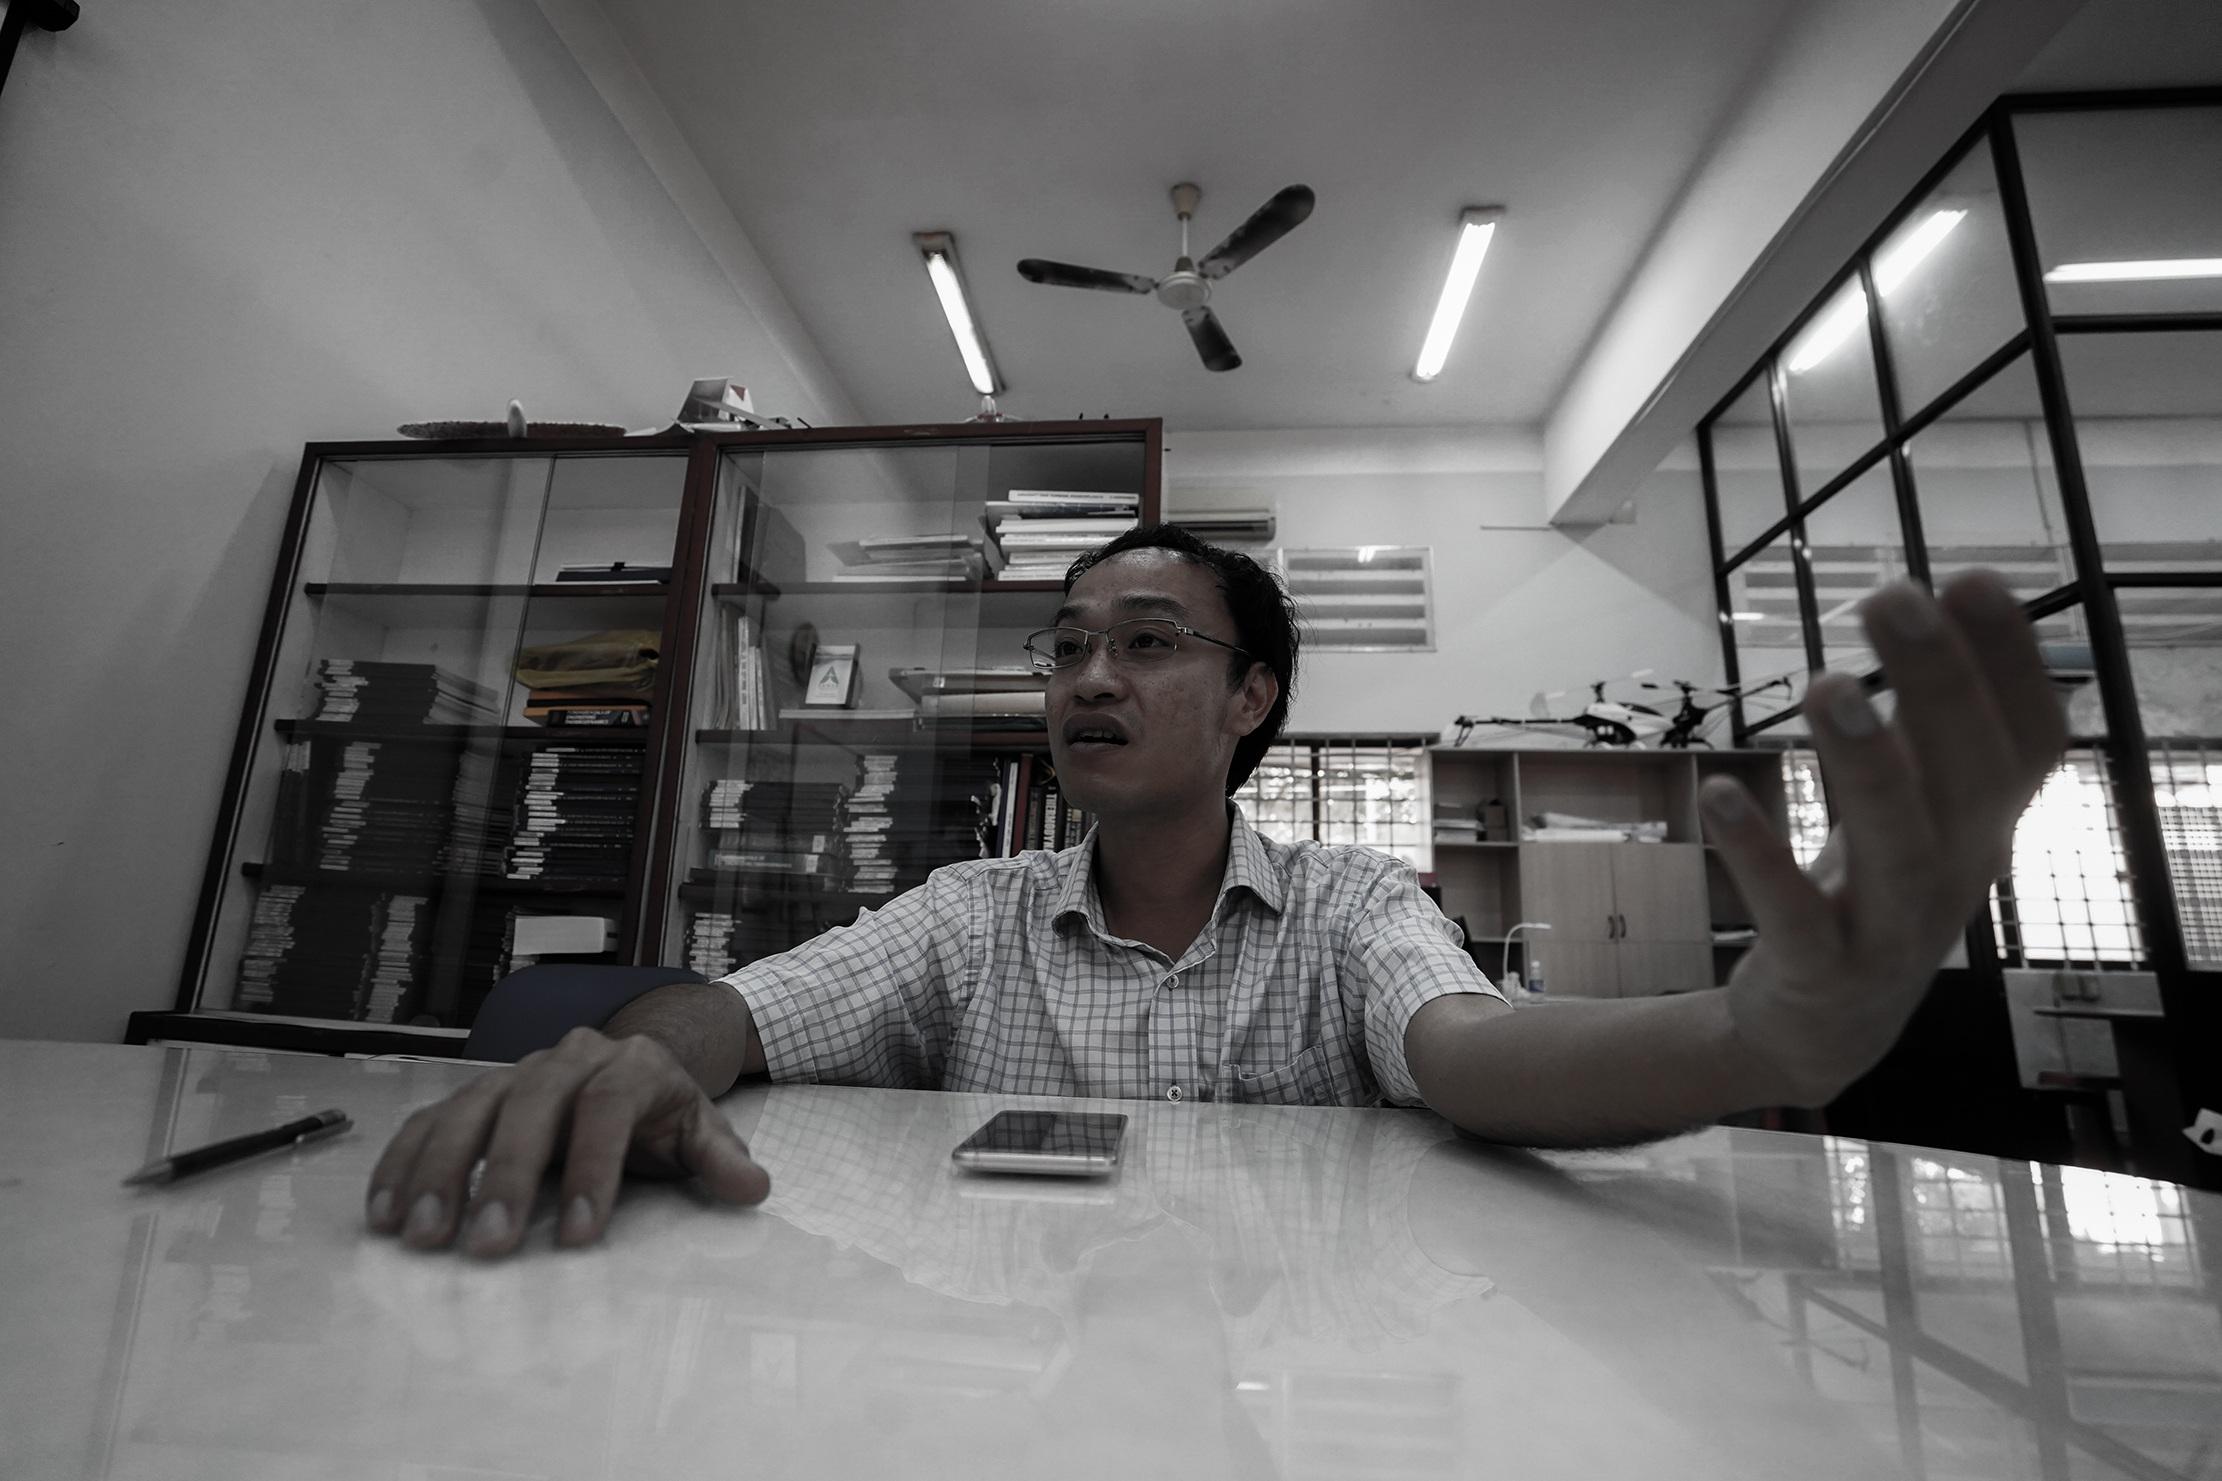 Phó giáo sư 37 tuổi chế tạo máy bay dành cho nhà nông - 5